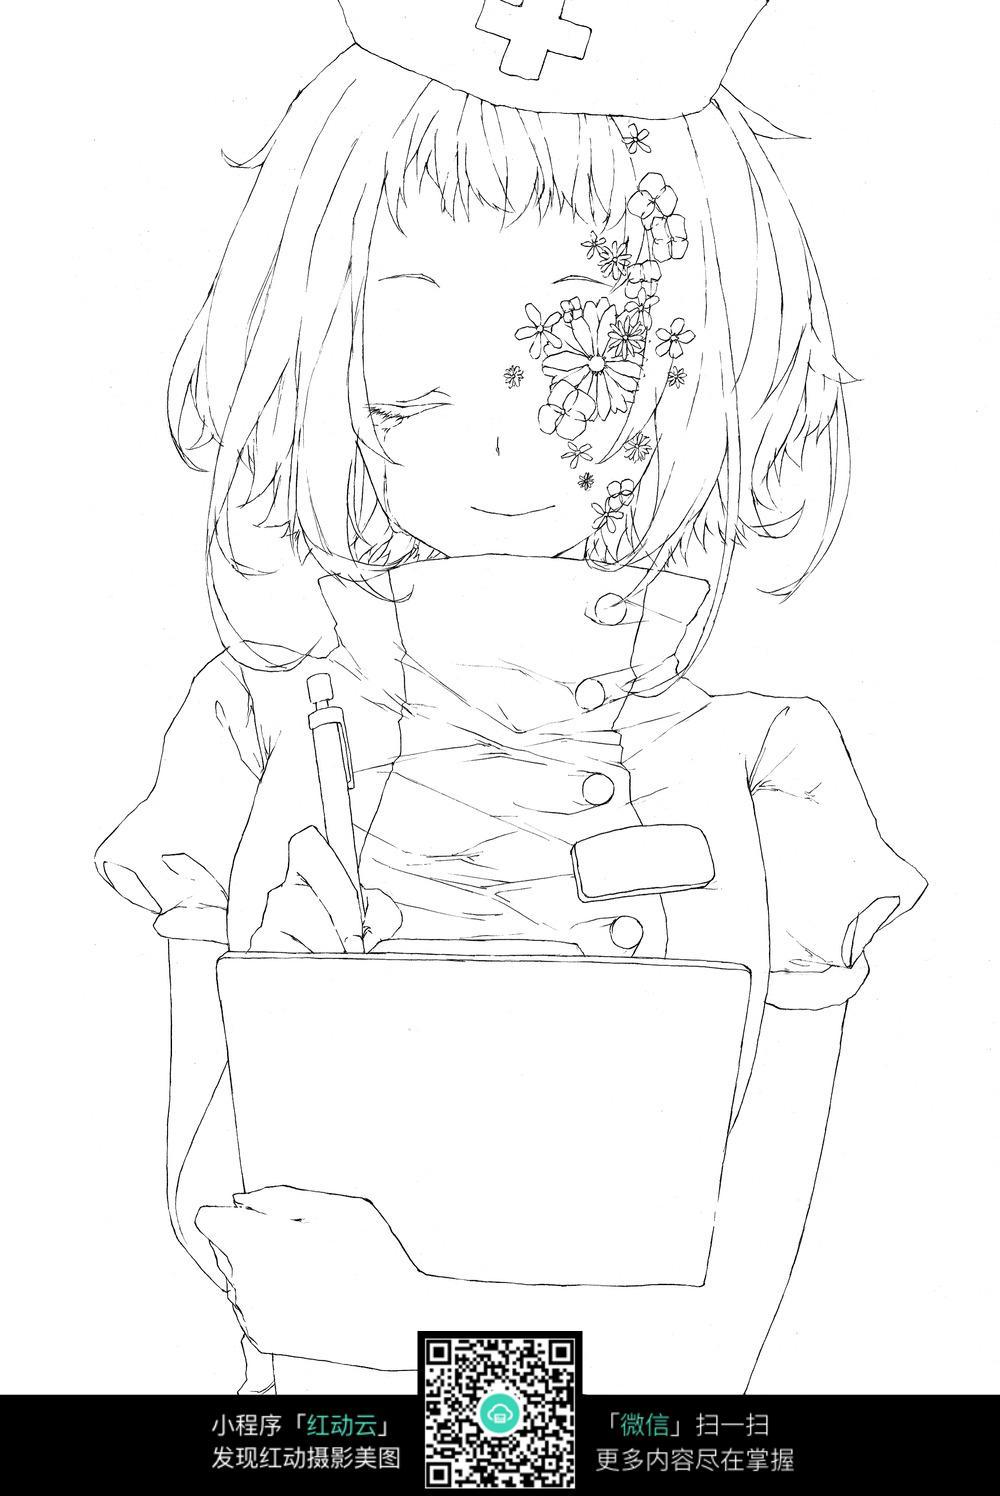 动漫人物角色护士